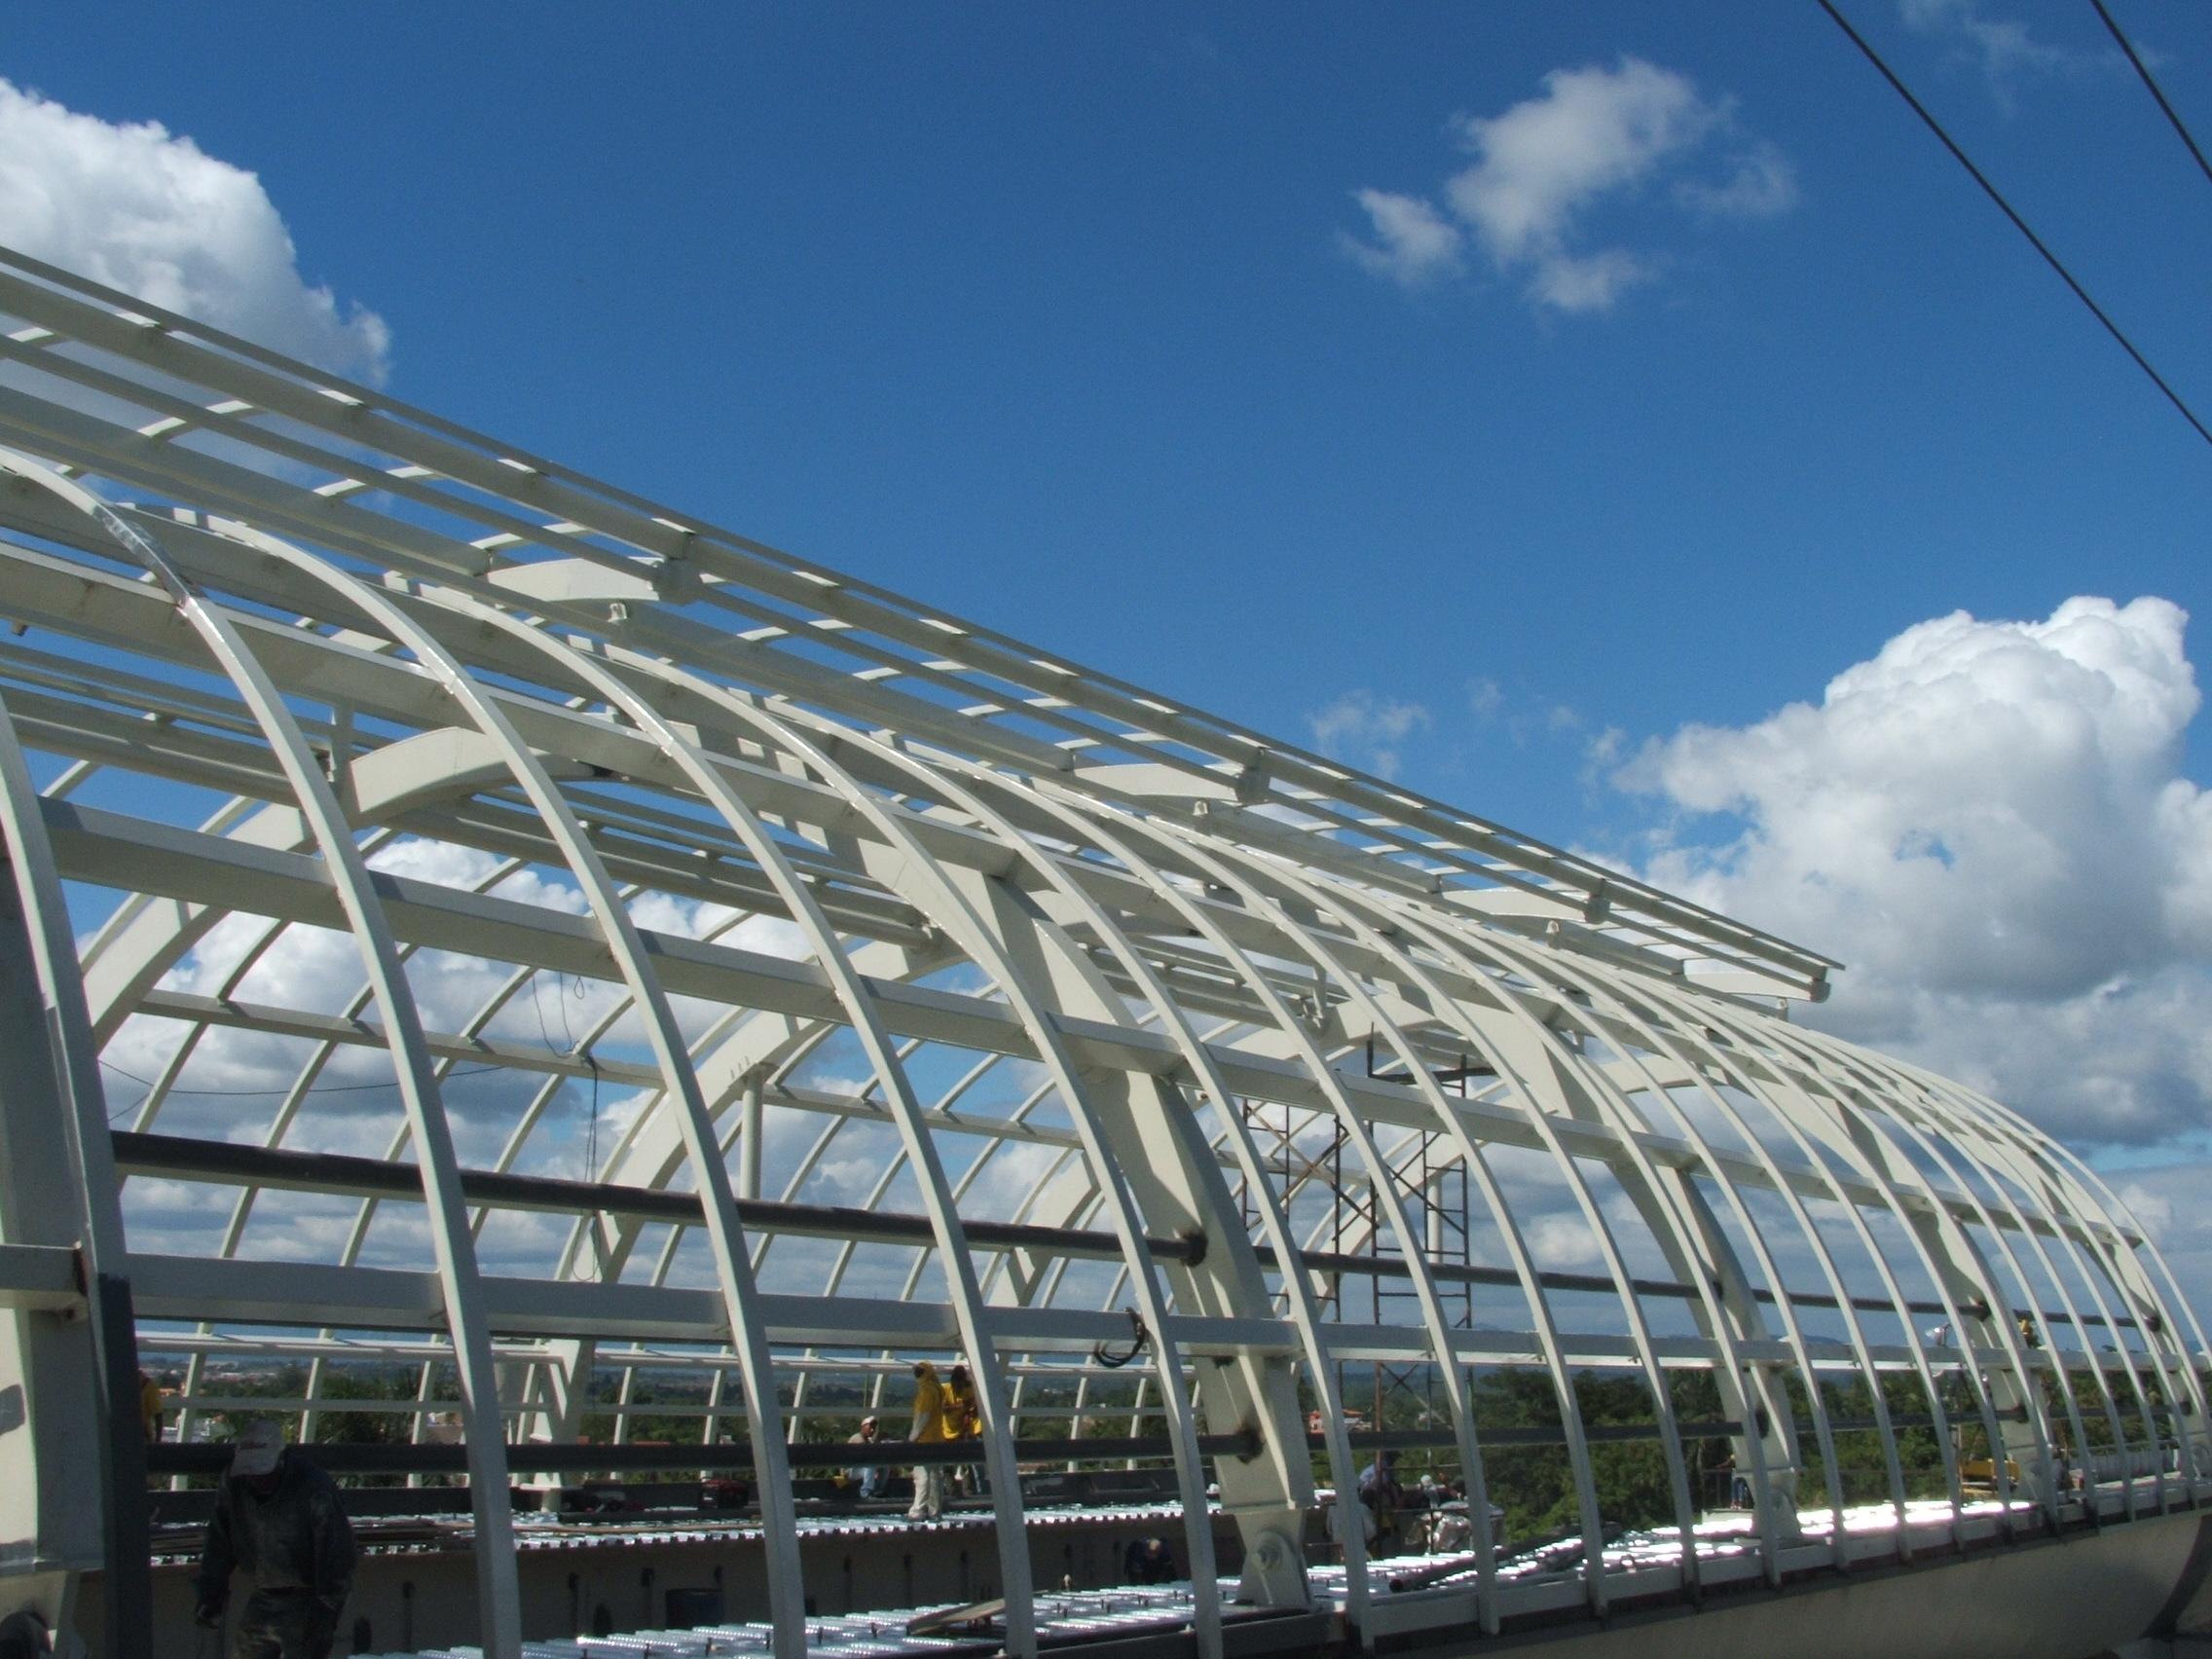 Estacion Charles de Gaulle estructura metalica techo santo domingo